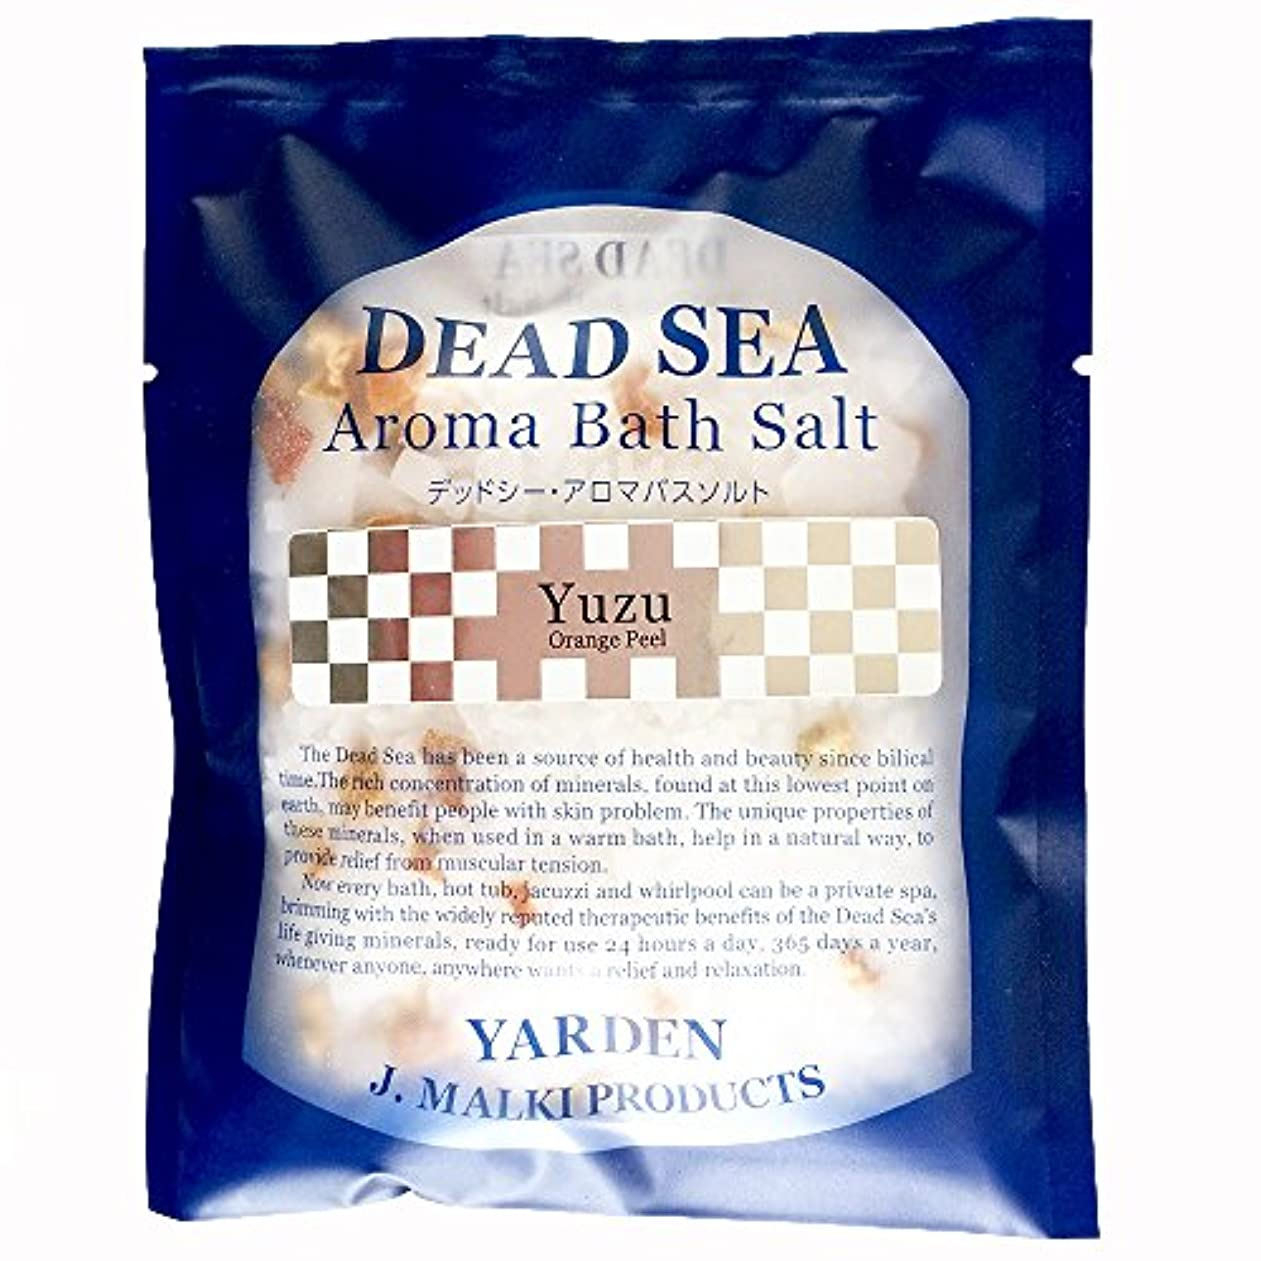 版上院議員鷹デッドシー?アロマバスソルト/ユズ 80g 【DEAD SEA AROMA BATH SALT】死海の塩+精油+ハーブ/入浴剤(入浴用化粧品)【正規販売店】